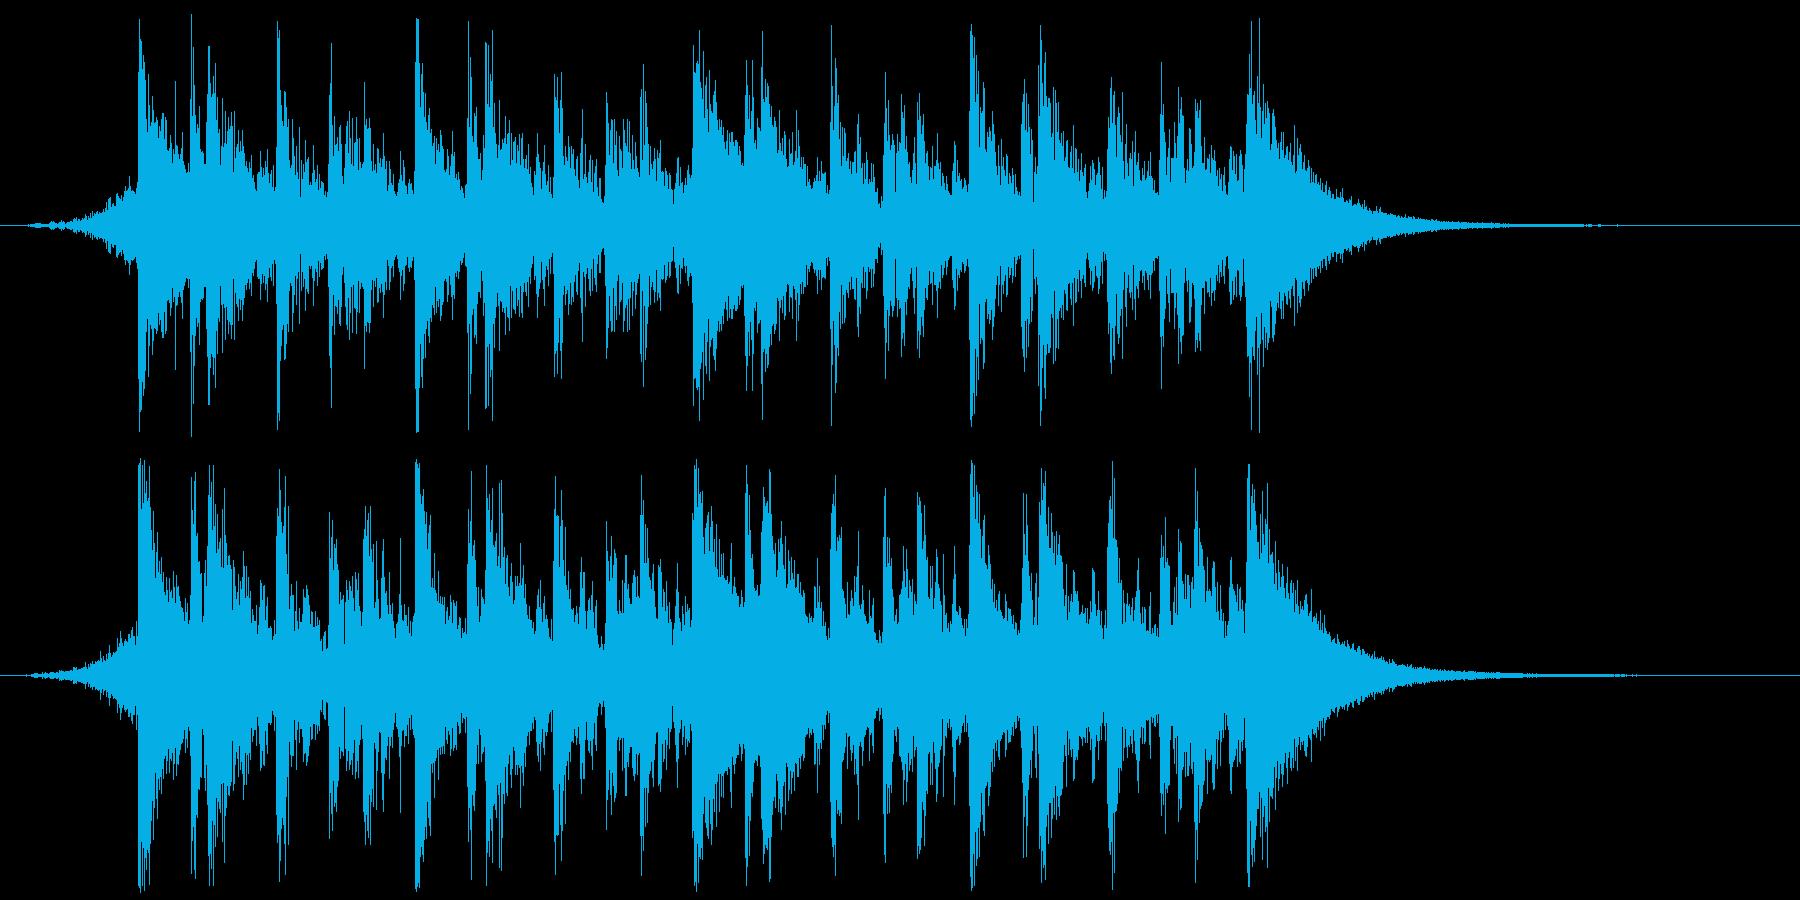 中華、カンフー演武の入場/あおり(後半)の再生済みの波形